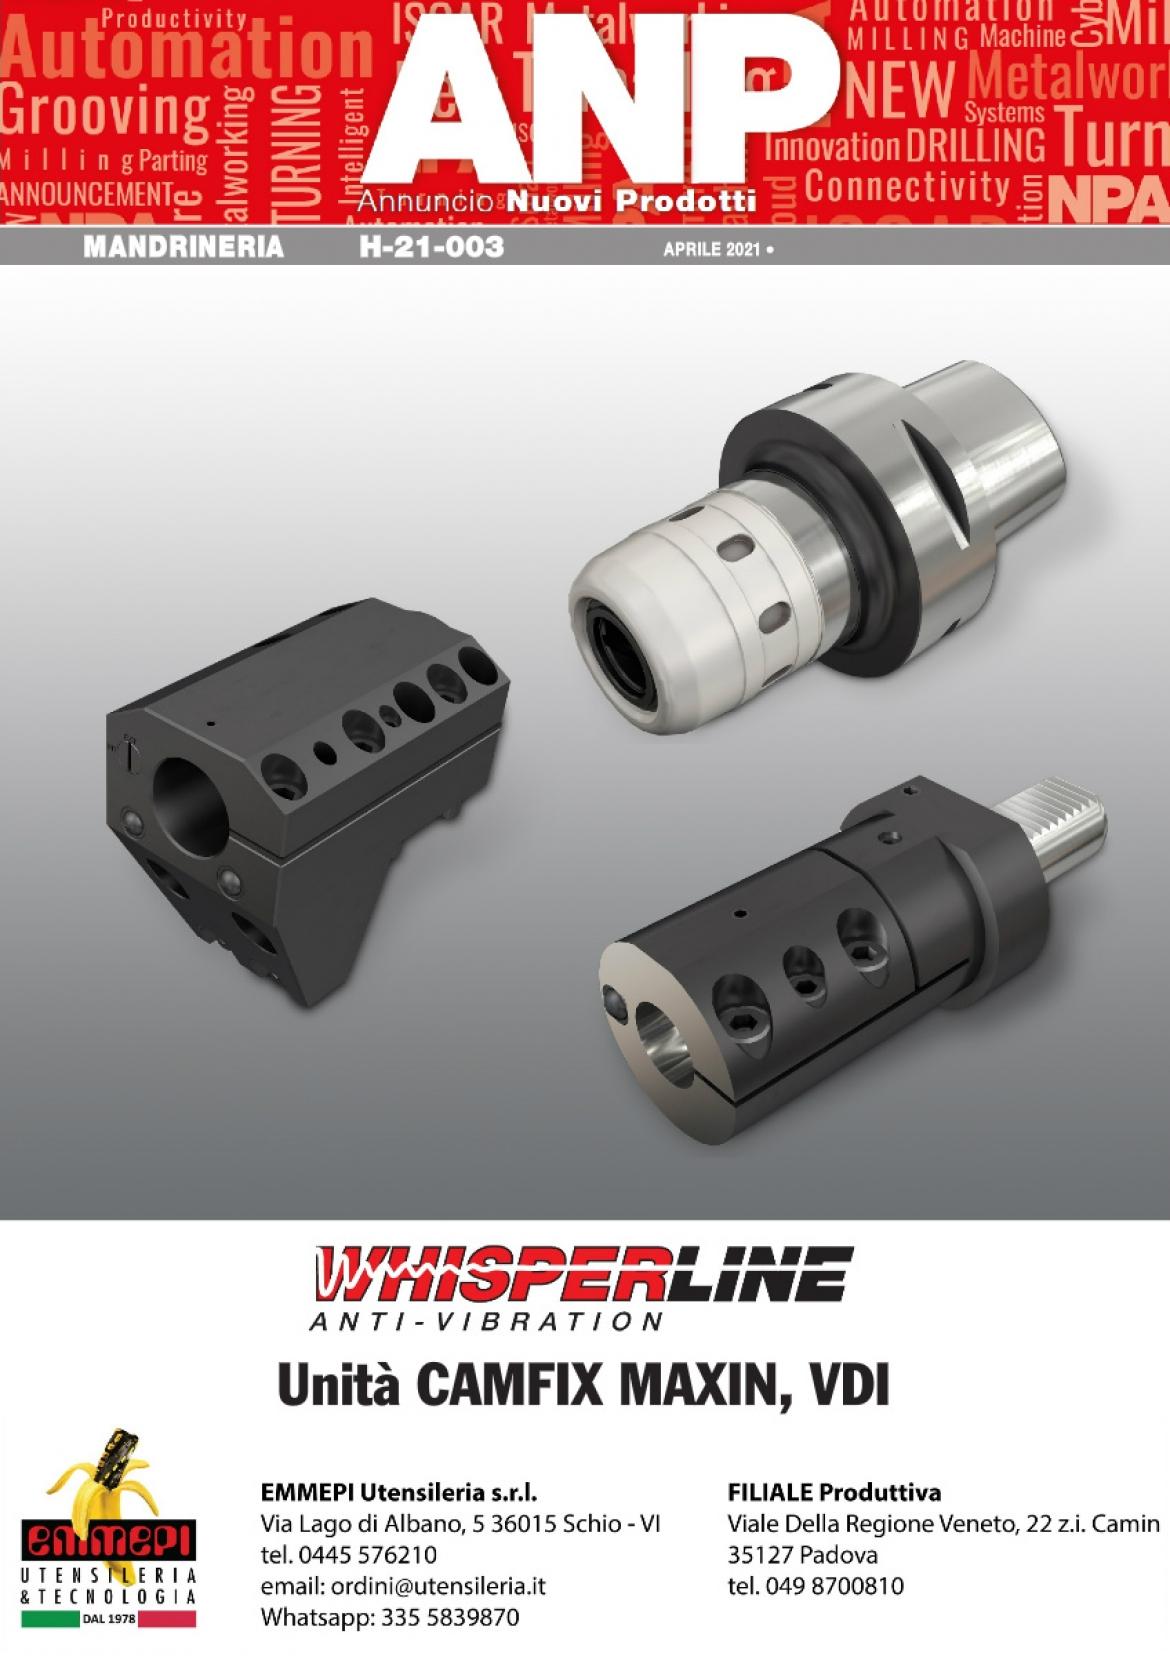 Nuovi prodotti Iscar MANDRINERIA. CAMFIX, VDI e con bussola